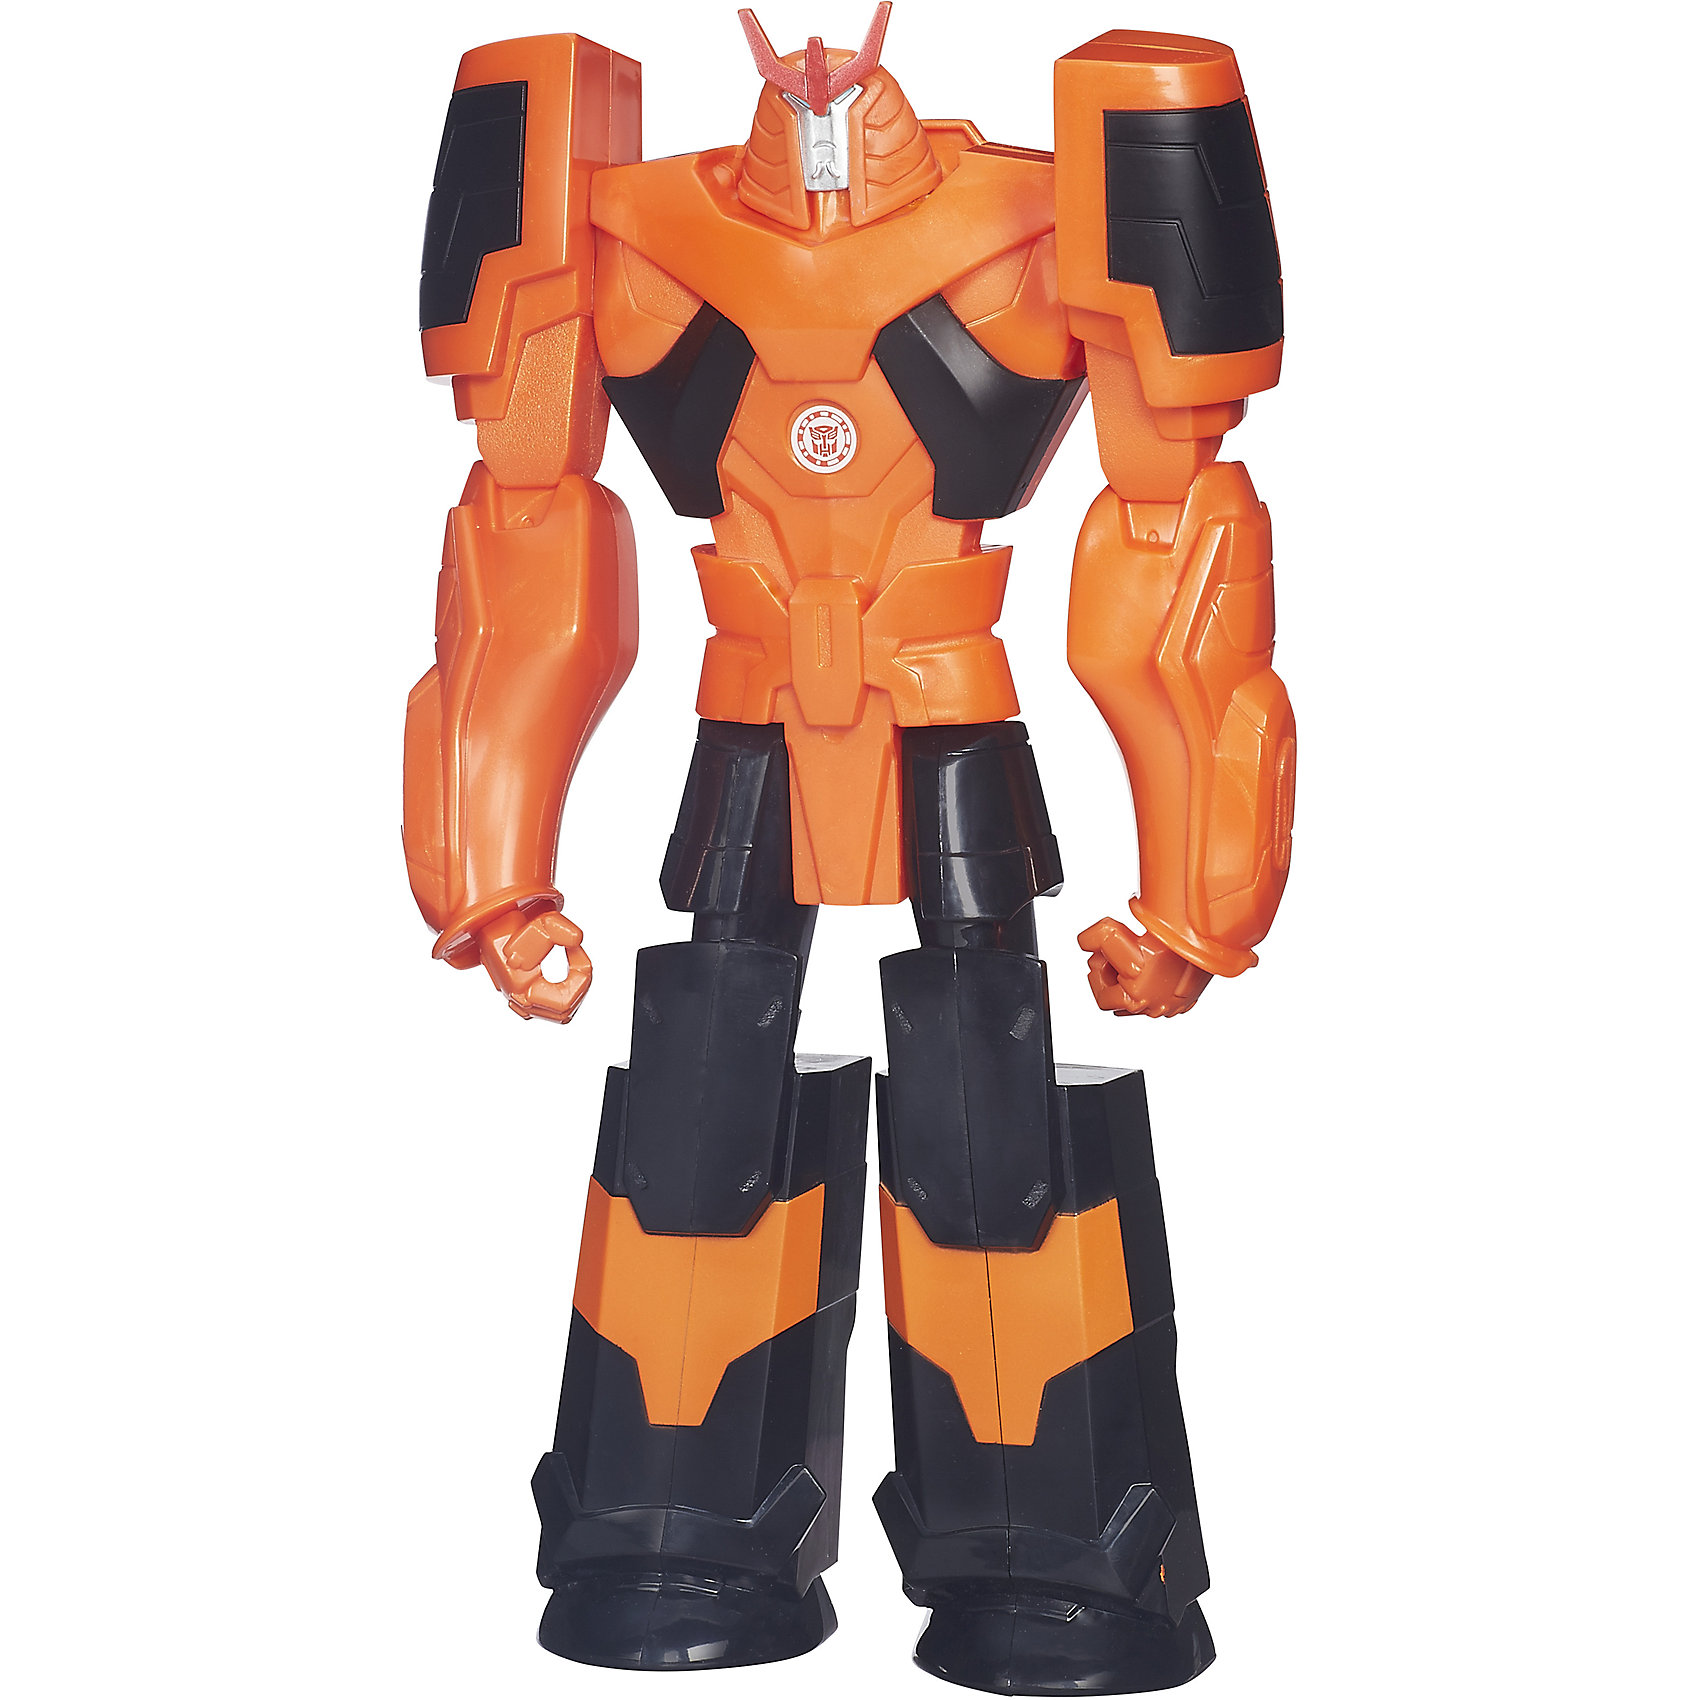 Титан: Роботы под прикрытием, 30 см, Трансформеры, B0760/B4678Коллекционные и игровые фигурки<br>Титанs: Роботы под прикрытием, 30 см, Трансформеры, B0760/B4678.<br><br>Характеристики:<br><br>- В наборе: 1 трансформер<br>- Высота фигурки: 30 см.<br>- Материал: высококачественный пластик<br>- Размер упаковки: 17,5х5х30,5 см.<br><br>Робот-трансформер Дрифт от Hasbro (Хасбро) выполнен по мотивам популярного мультфильма «Роботы под прикрытием». Это очень качественная, тщательно детализированная коллекционная фигурка, которая и с точностью копирует персонажа мультфильма. У робота подвижны руки и ноги. Дрифт не трансформируется в машинку, его главная особенность заключается в том, что на груди робота расположен QR-код. Отсканировав код, вы получите множество дополнительных функций и вариантов игры в бесплатном приложении Hasbro Robots in Disguise для смартфонов и планшетов. Игрушка выполнена из высококачественного пластика и покрыта красками на водной основе. С такой замечательной фигуркой ваш ребенок будет увлеченно играть, придумывая новые истории, совершая невероятные миссии, попадая в захватывающие приключения!<br><br>Фигурку Титан: Роботы под прикрытием, 30 см, Трансформеры, B0760/B4678 можно купить в нашем интернет-магазине.<br><br>Ширина мм: 49<br>Глубина мм: 172<br>Высота мм: 800<br>Вес г: 424<br>Возраст от месяцев: 48<br>Возраст до месяцев: 144<br>Пол: Мужской<br>Возраст: Детский<br>SKU: 5064674